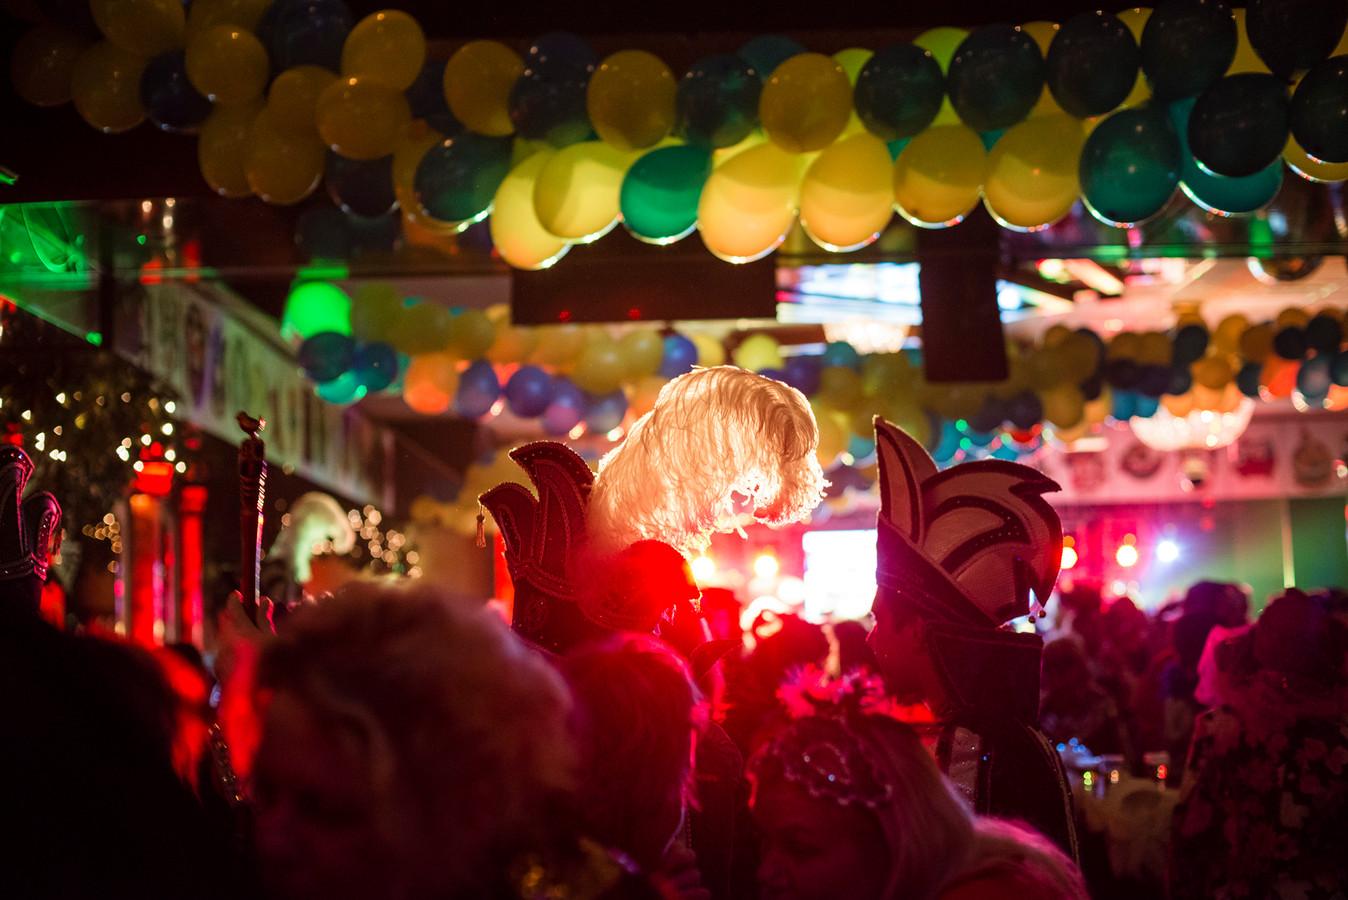 De sfeer was gemoedelijk op carnavalszondag